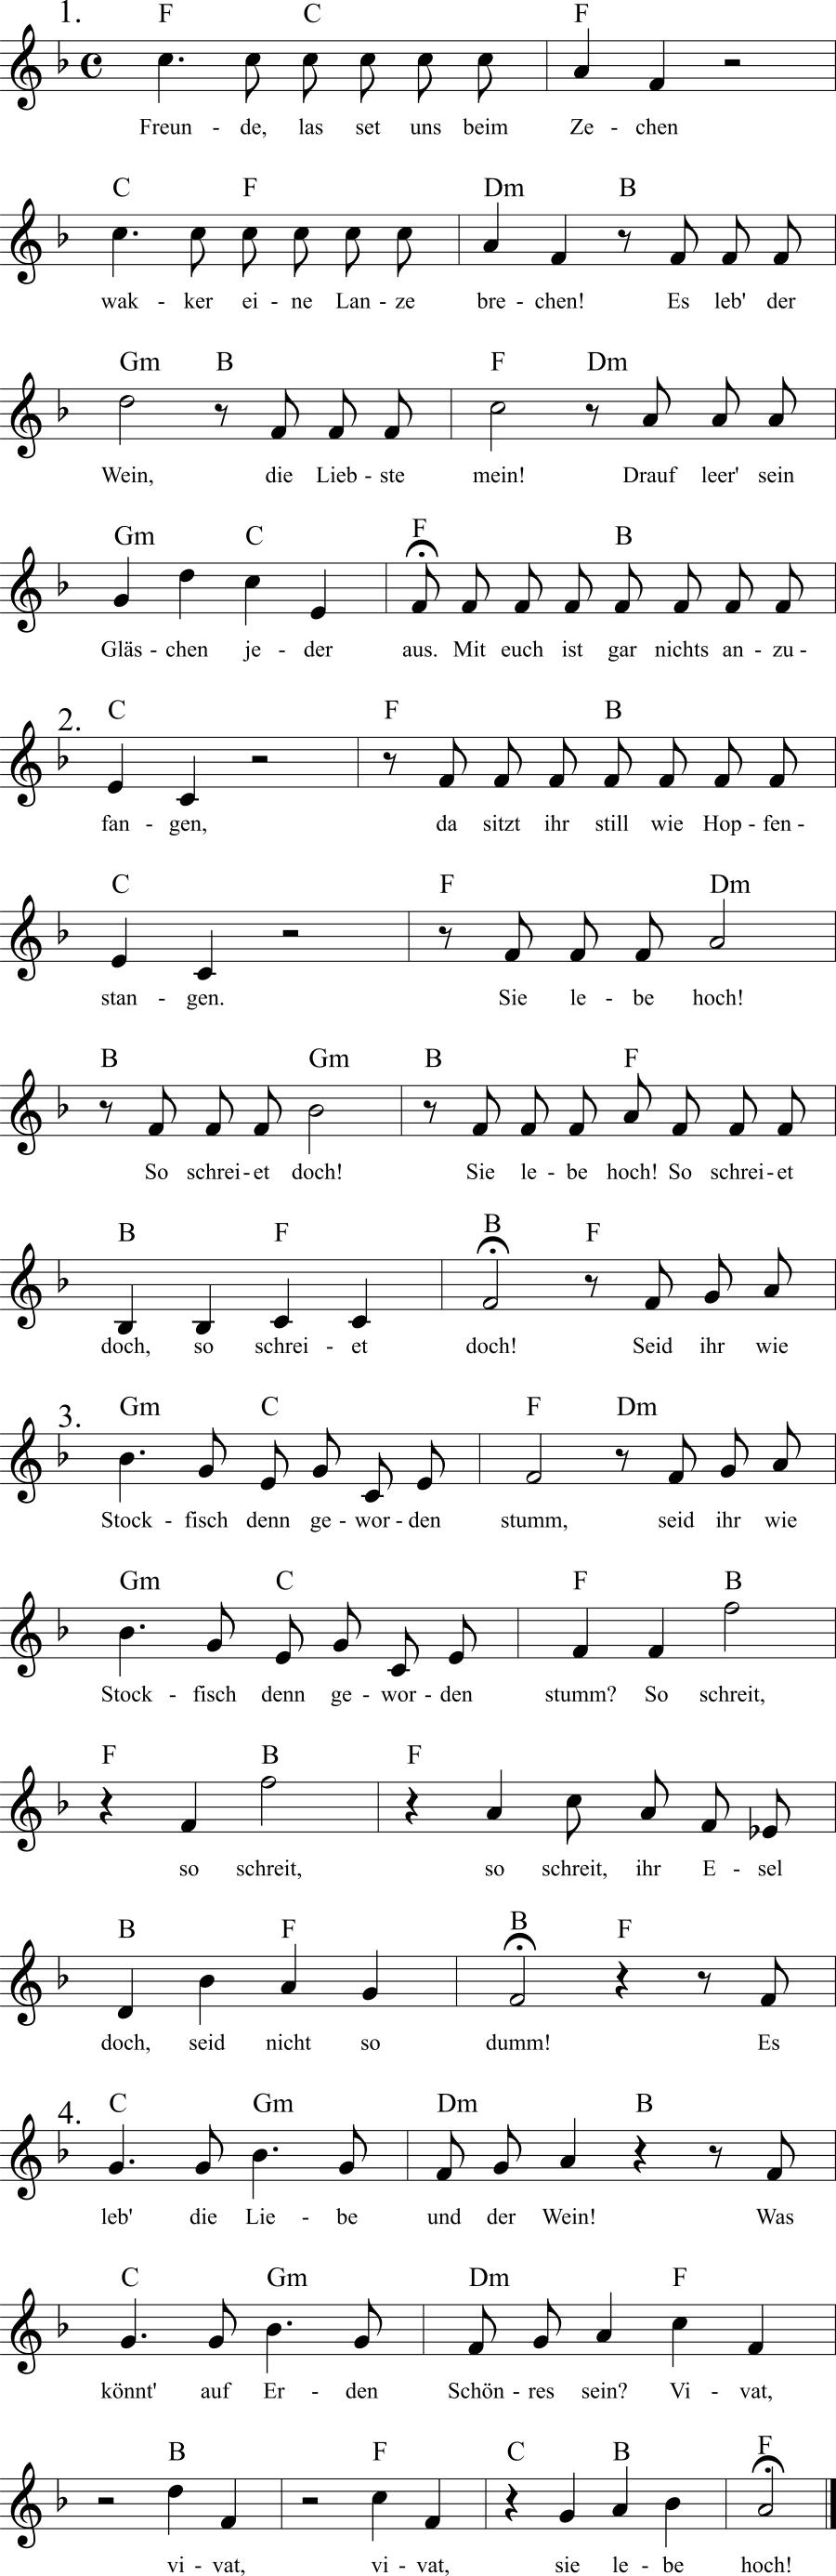 Musiknoten zum Lied Freunde, lasset uns beim Zechen